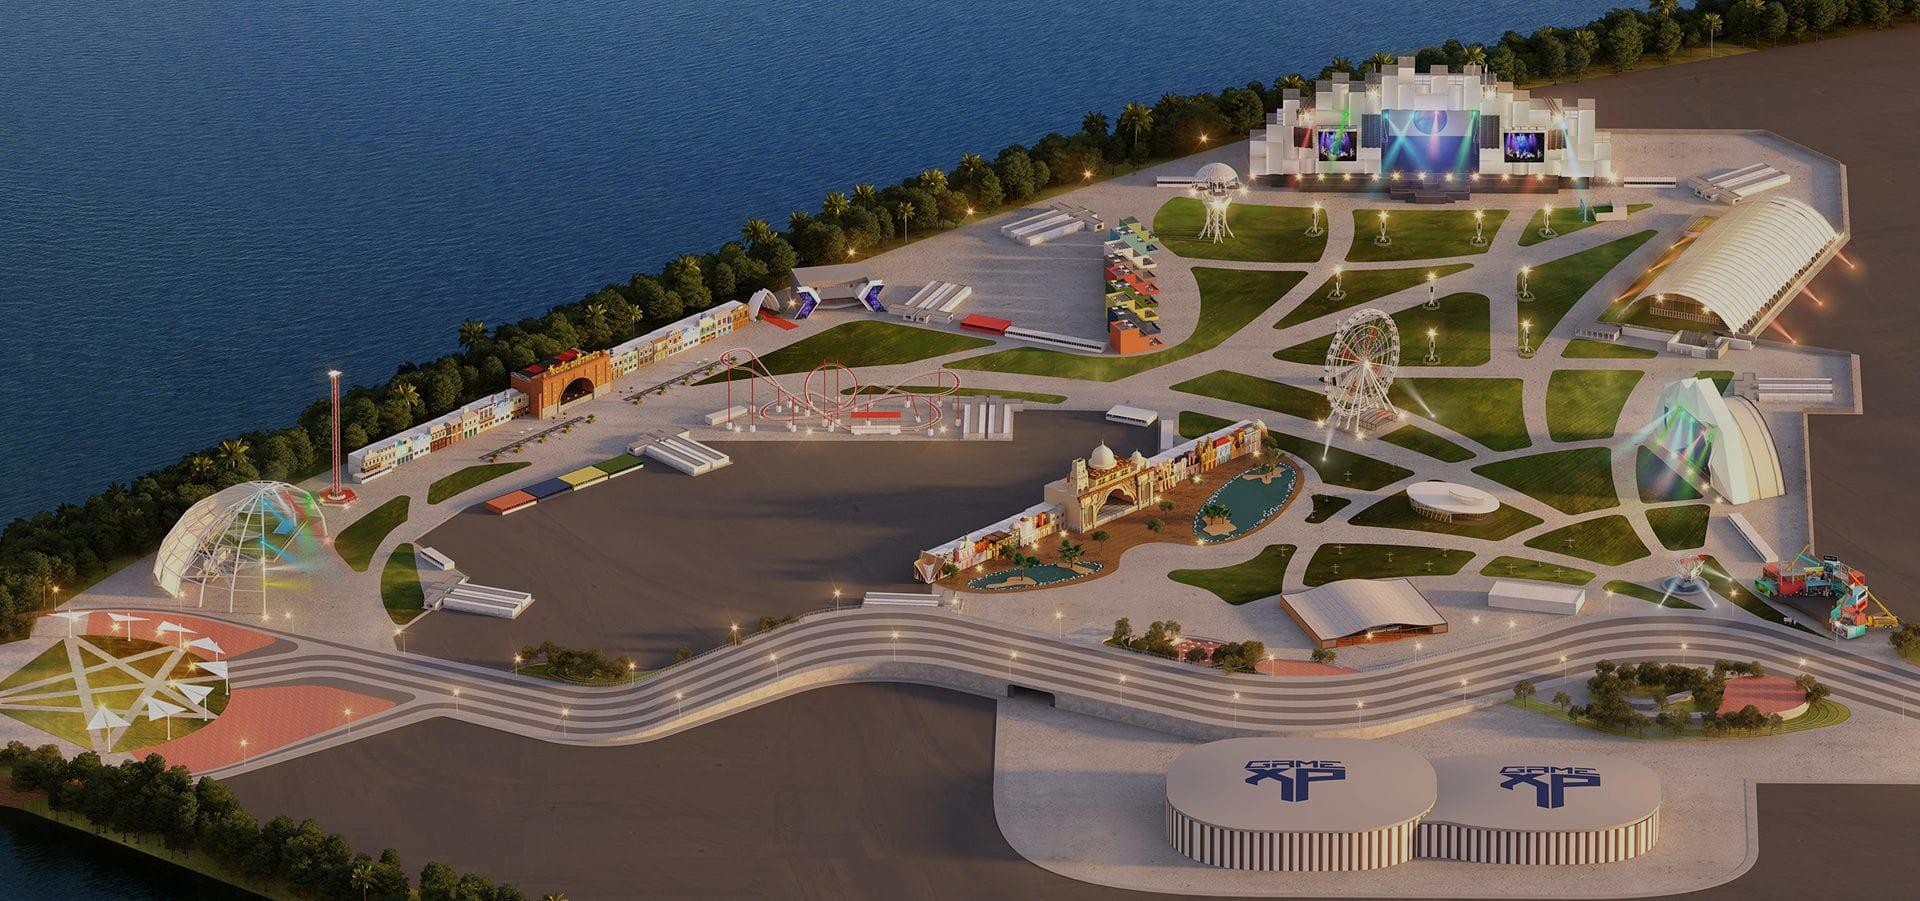 Rock in Rio rock in rio terá cabine do tinder e outras novidades; confira o mapa do evento